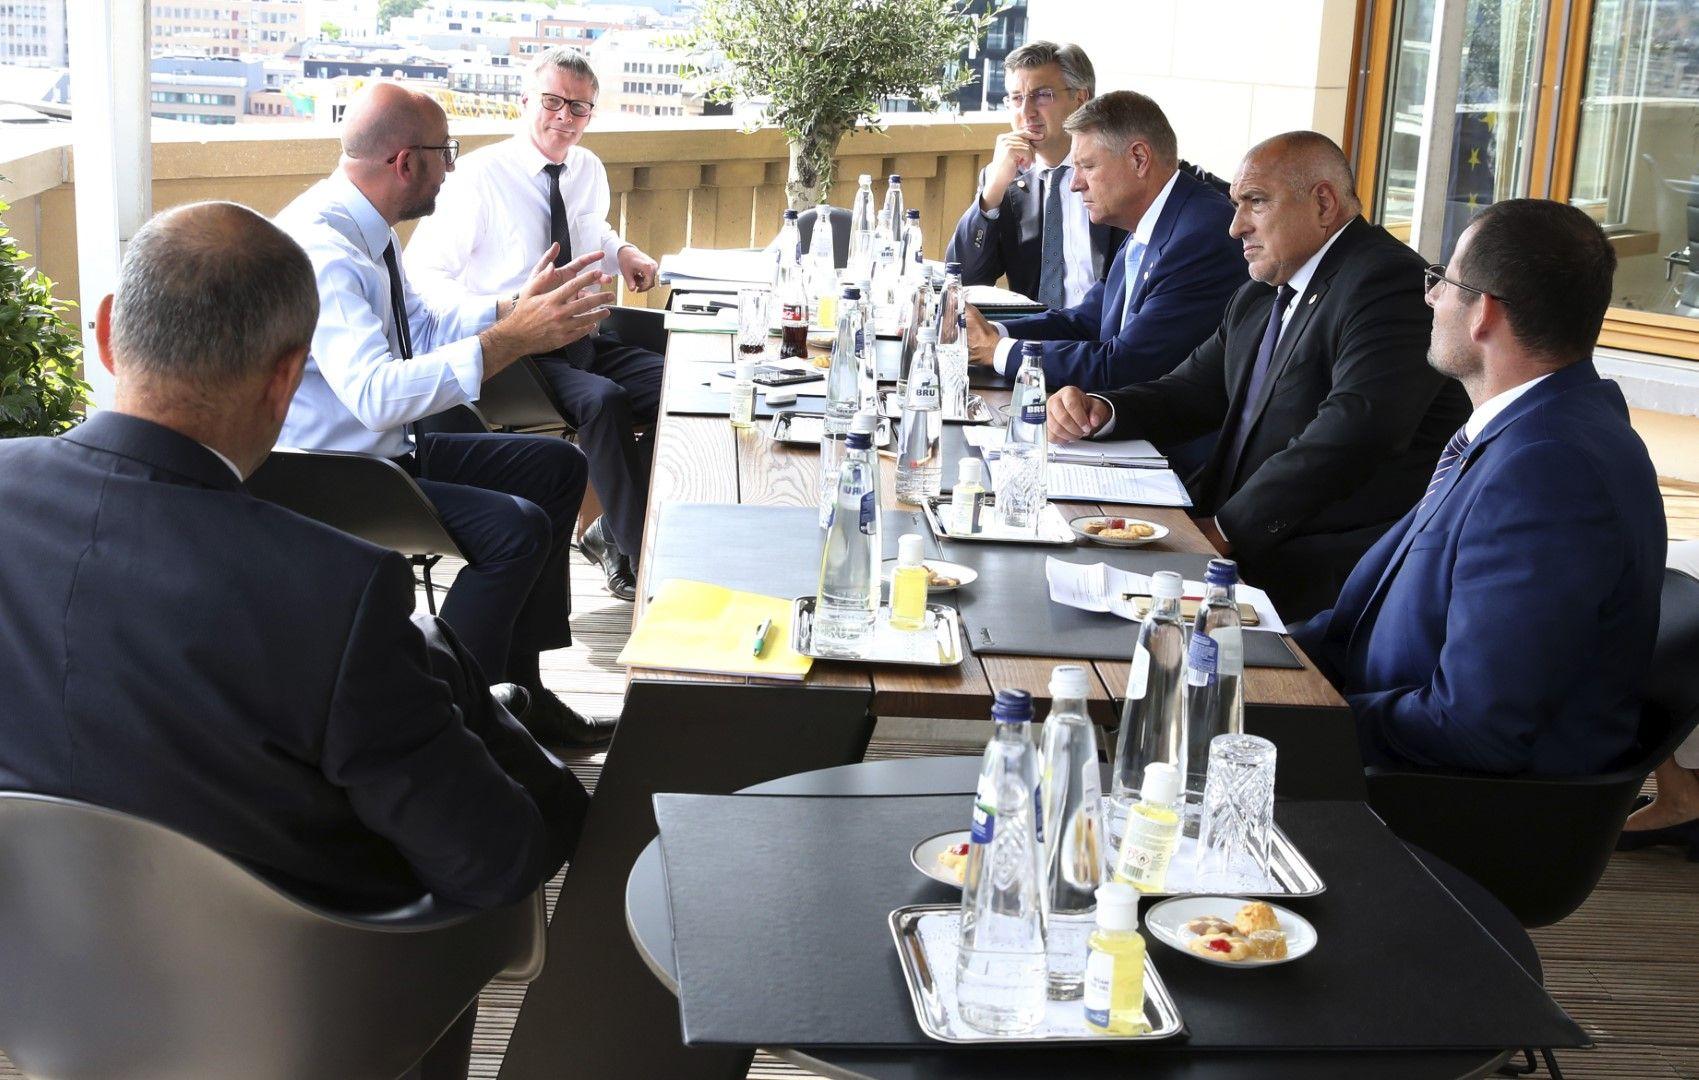 Председателят на ЕС Шарл Мишел разговаря с премиера Андрей Пленкович (Хърватия), президента Клаус Йоханис (Румъния), премиера Бойко Борисов (България) и премиера Робърт Абела (Малта), седнали срещу него от ляво на дясно